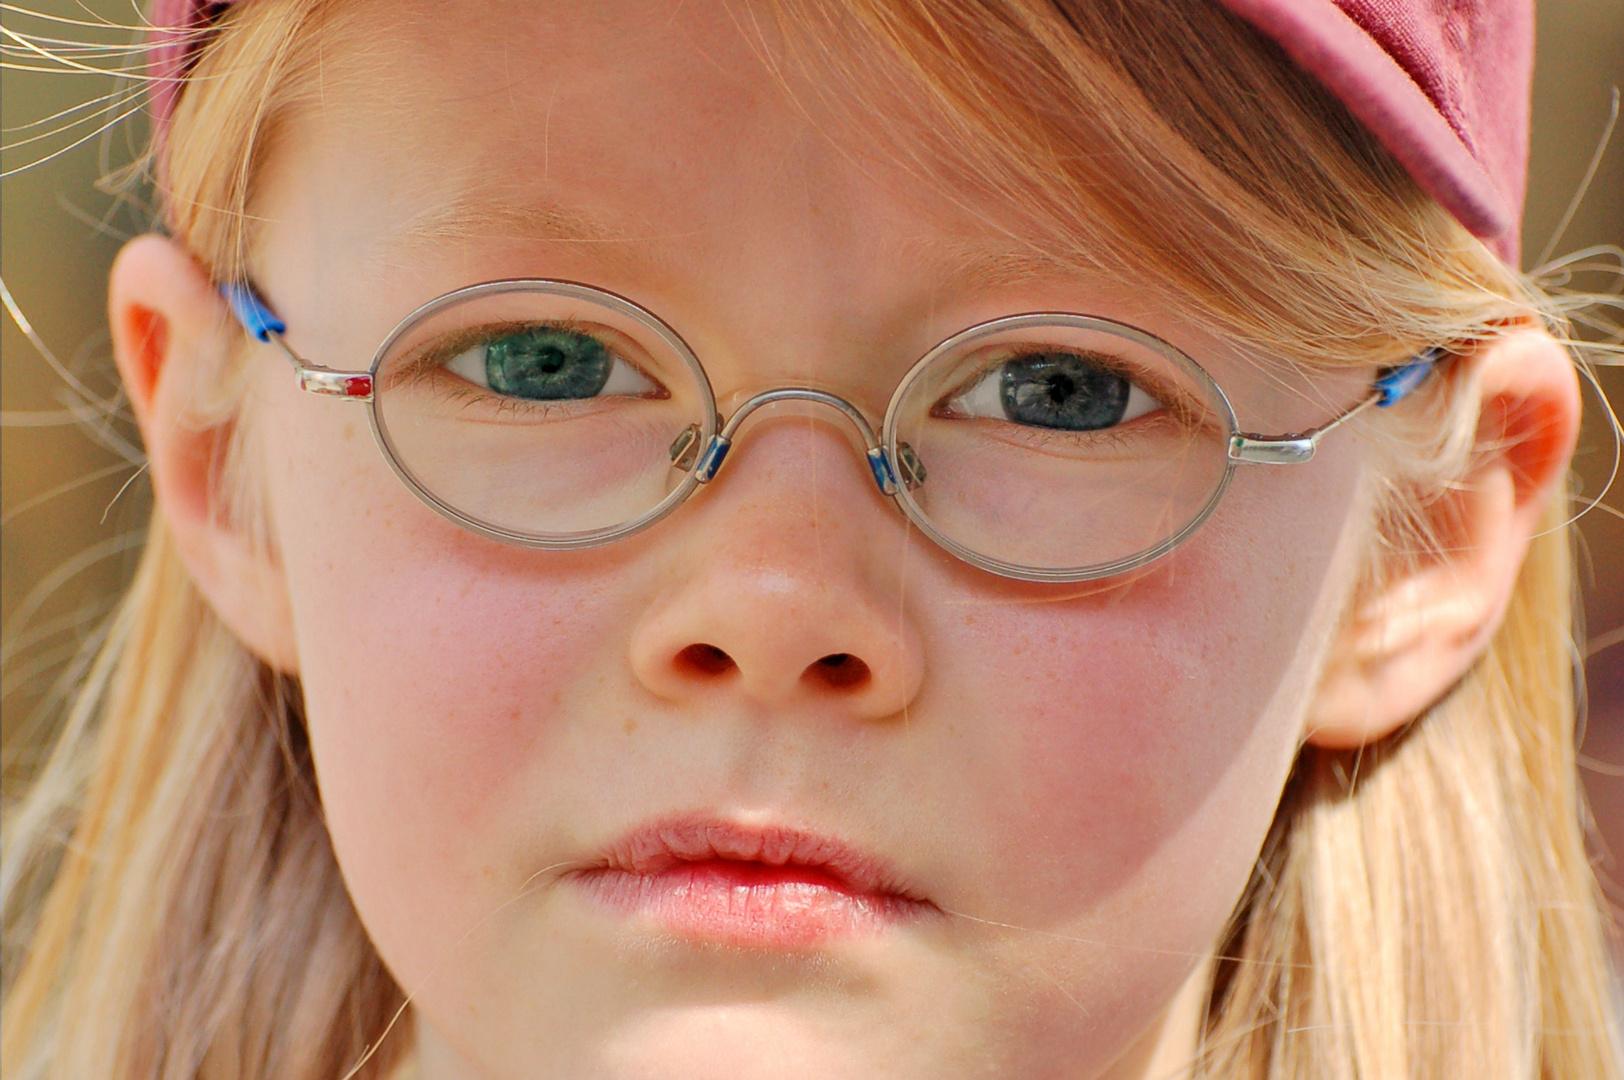 Brille Foto & Bild | portrait, menschen, kinder Bilder auf